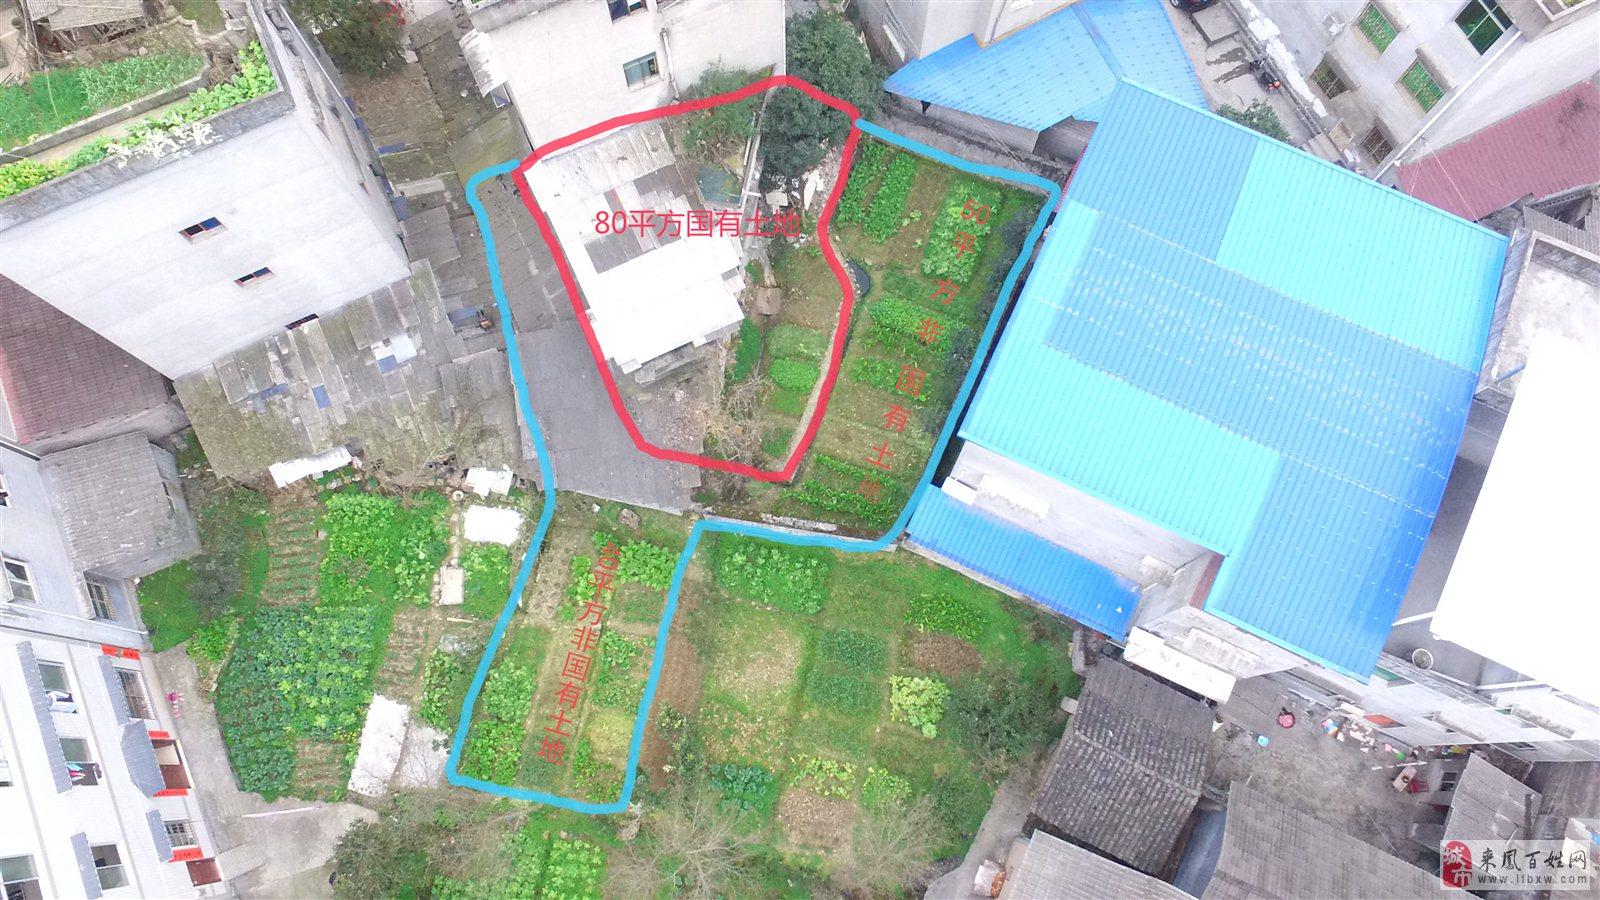 出售学区房国有土地80万元